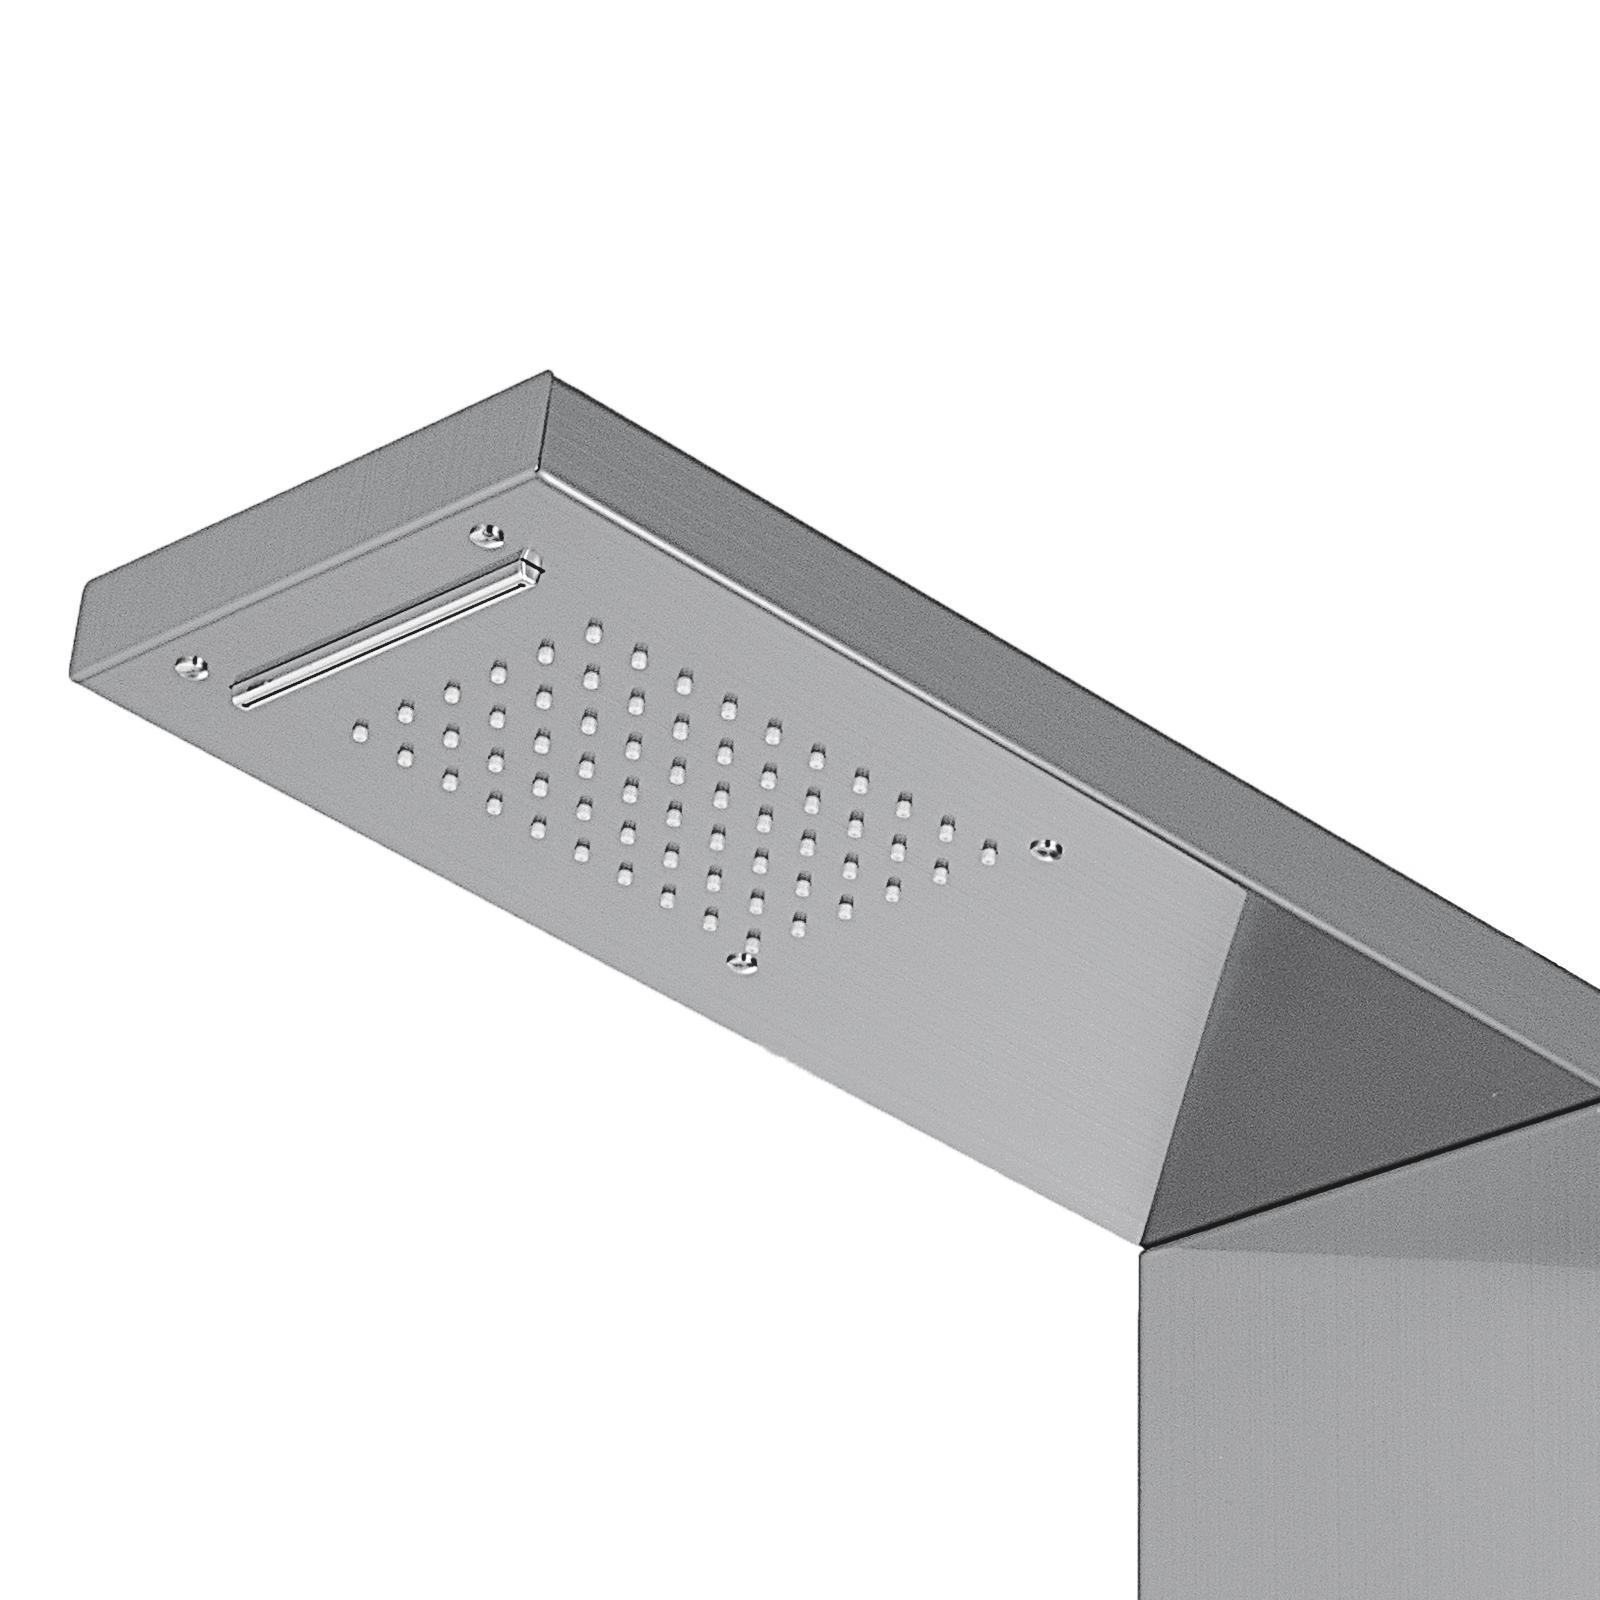 Pannello-doccia-idromassaggio-colonna-in-acciaio-inossidabile-con-miscelatore miniatura 68